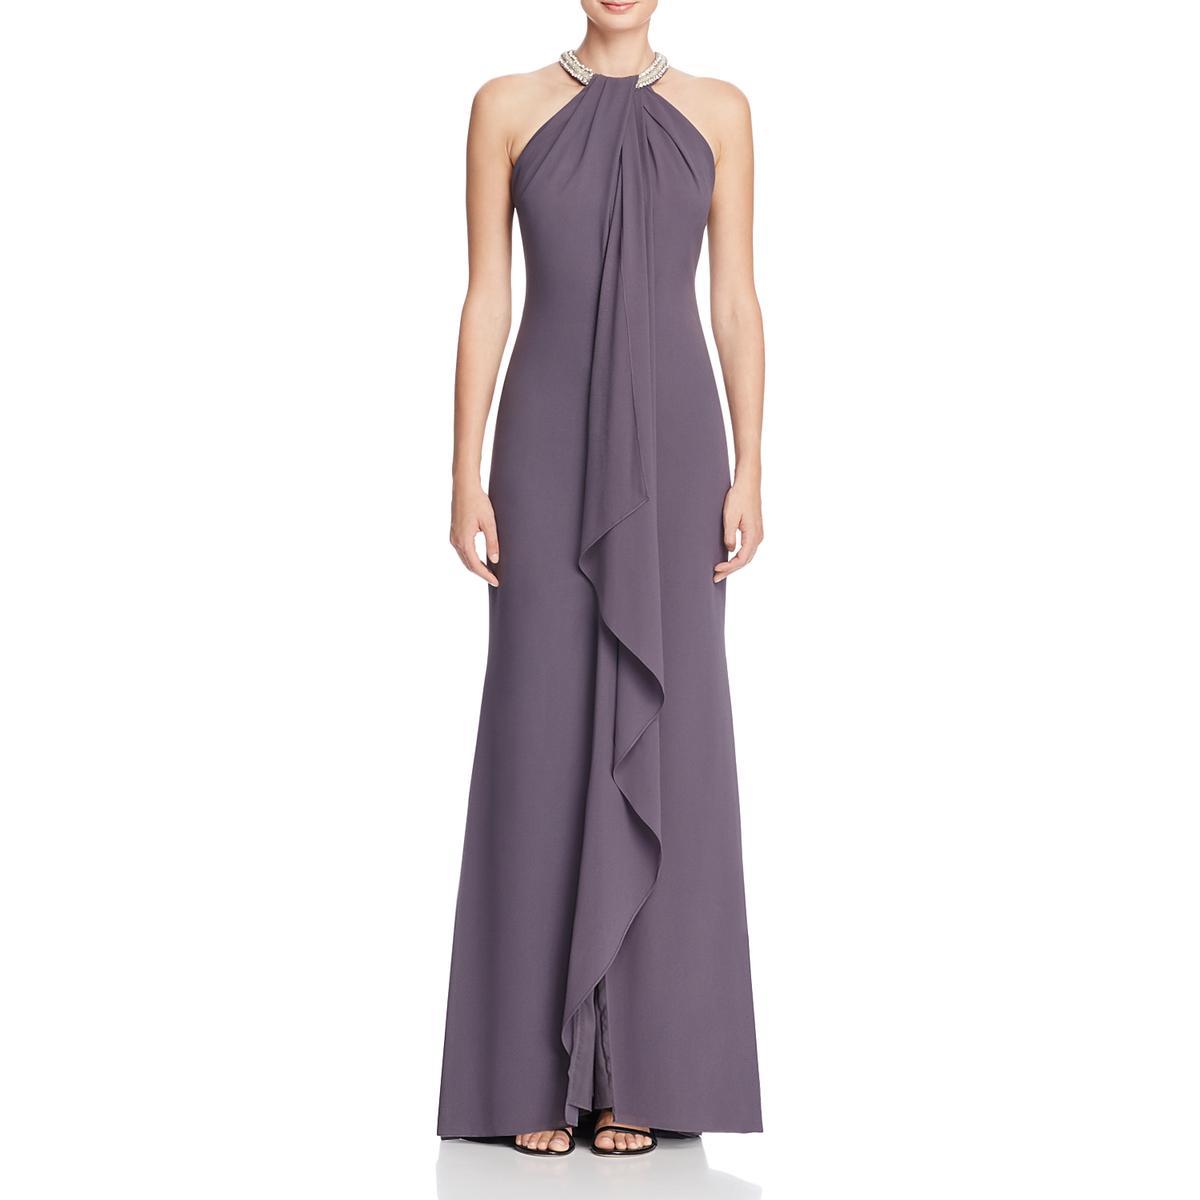 a4e83a1a375 aidan by Aidan Mattox Womens Embellished Halter Evening Dress